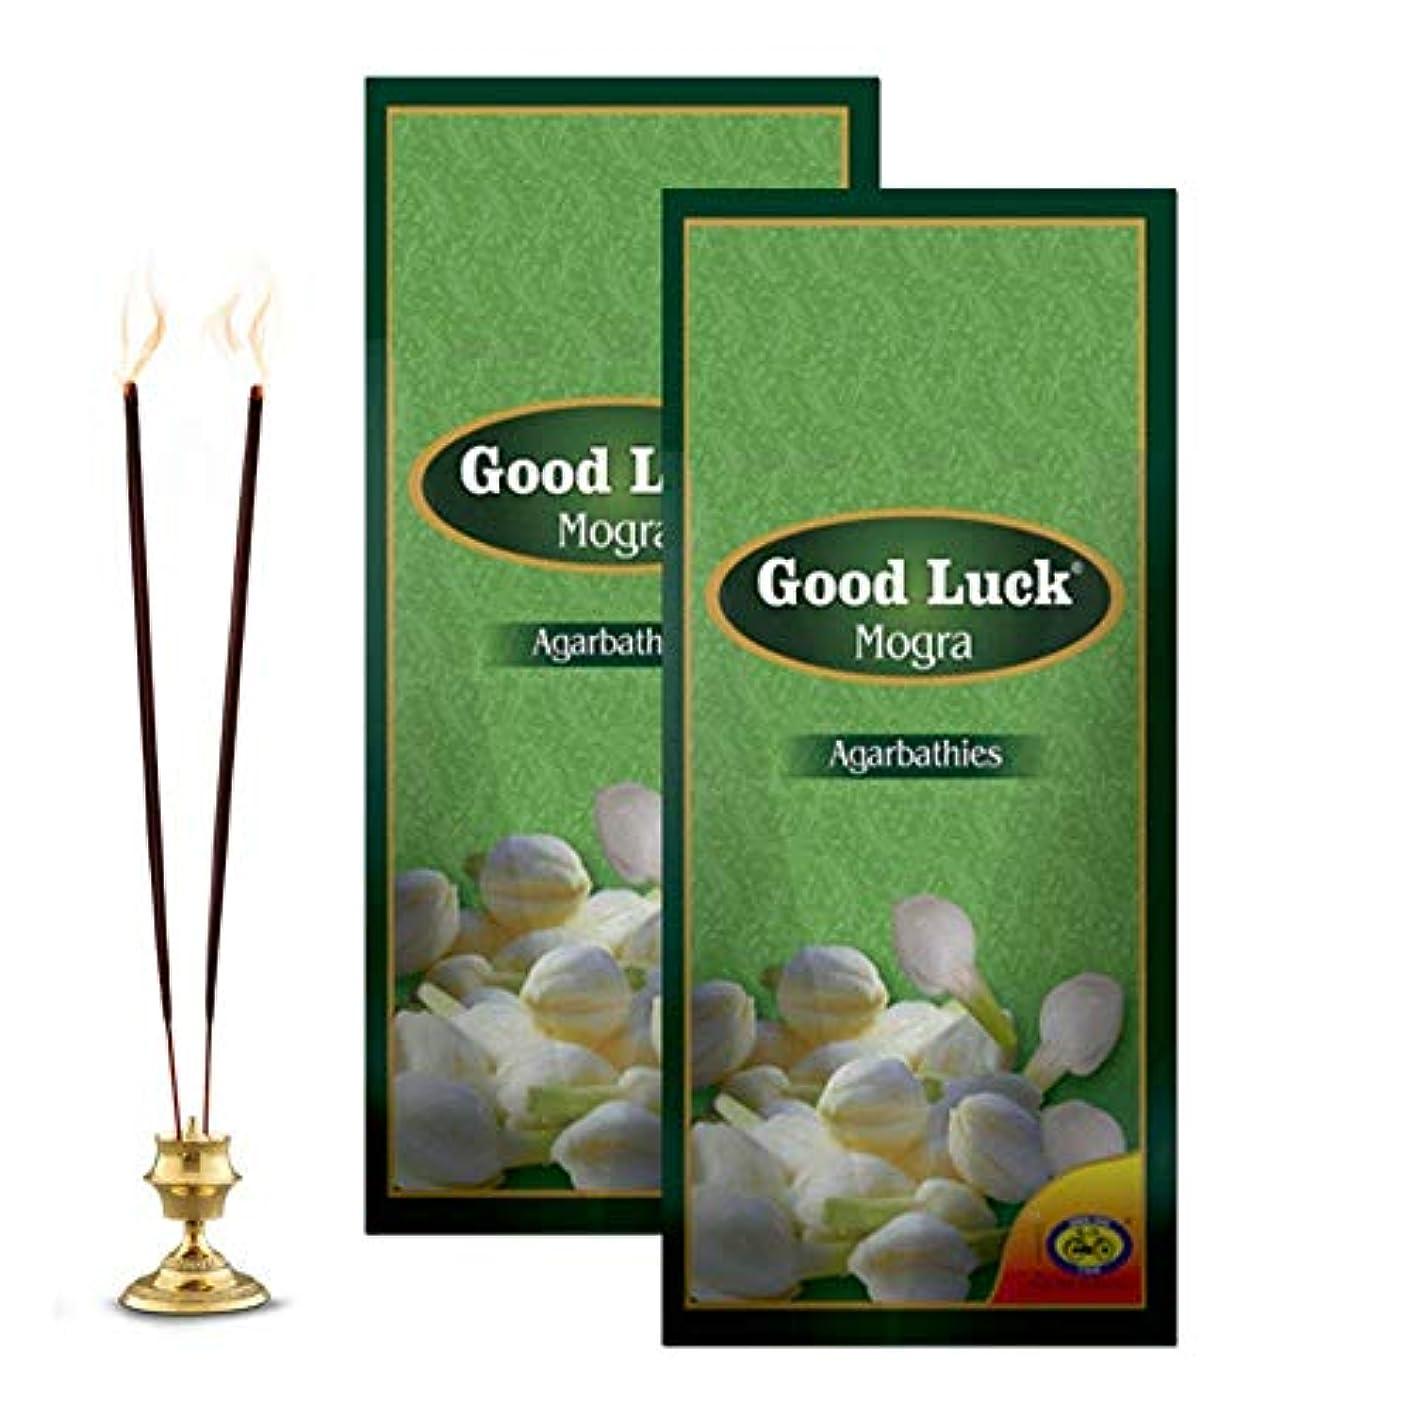 太い社会レポートを書くCycle Pure Good Luck Mogra Incense Sticks - Pack of 2